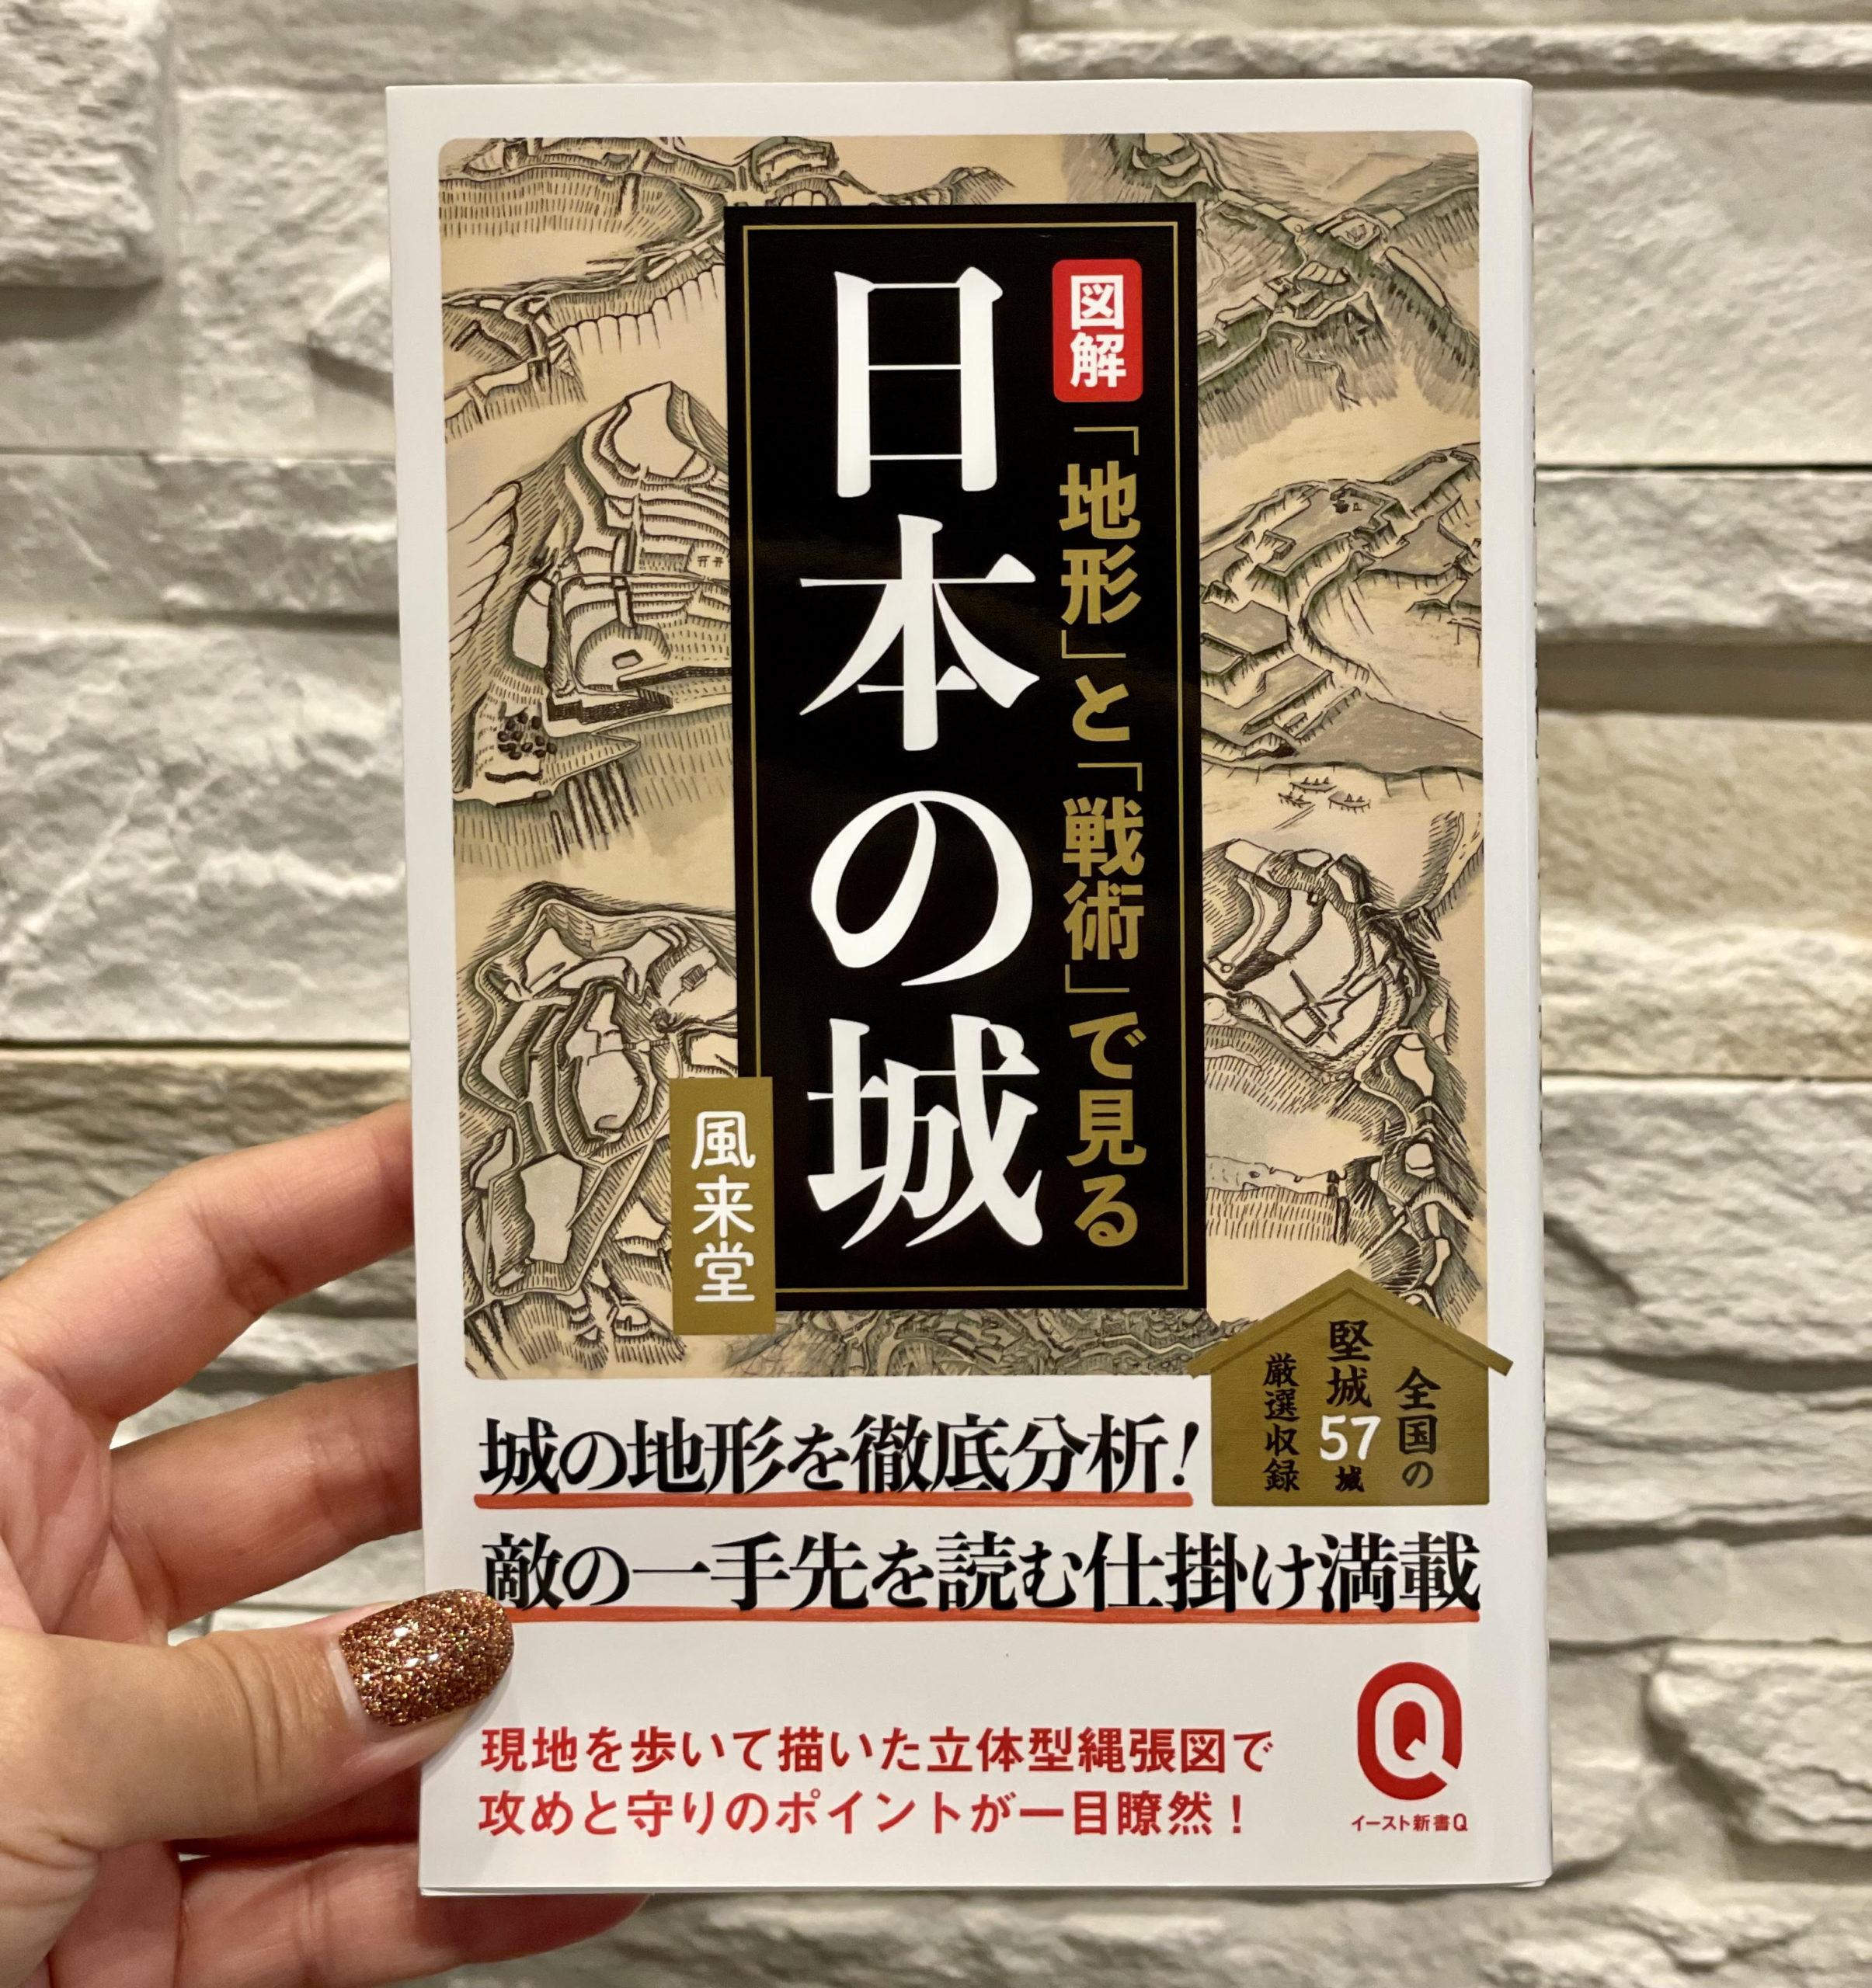 『図解「地形」と「戦術」で見る日本の城』はコンパクトでよーくまとまってる本だった